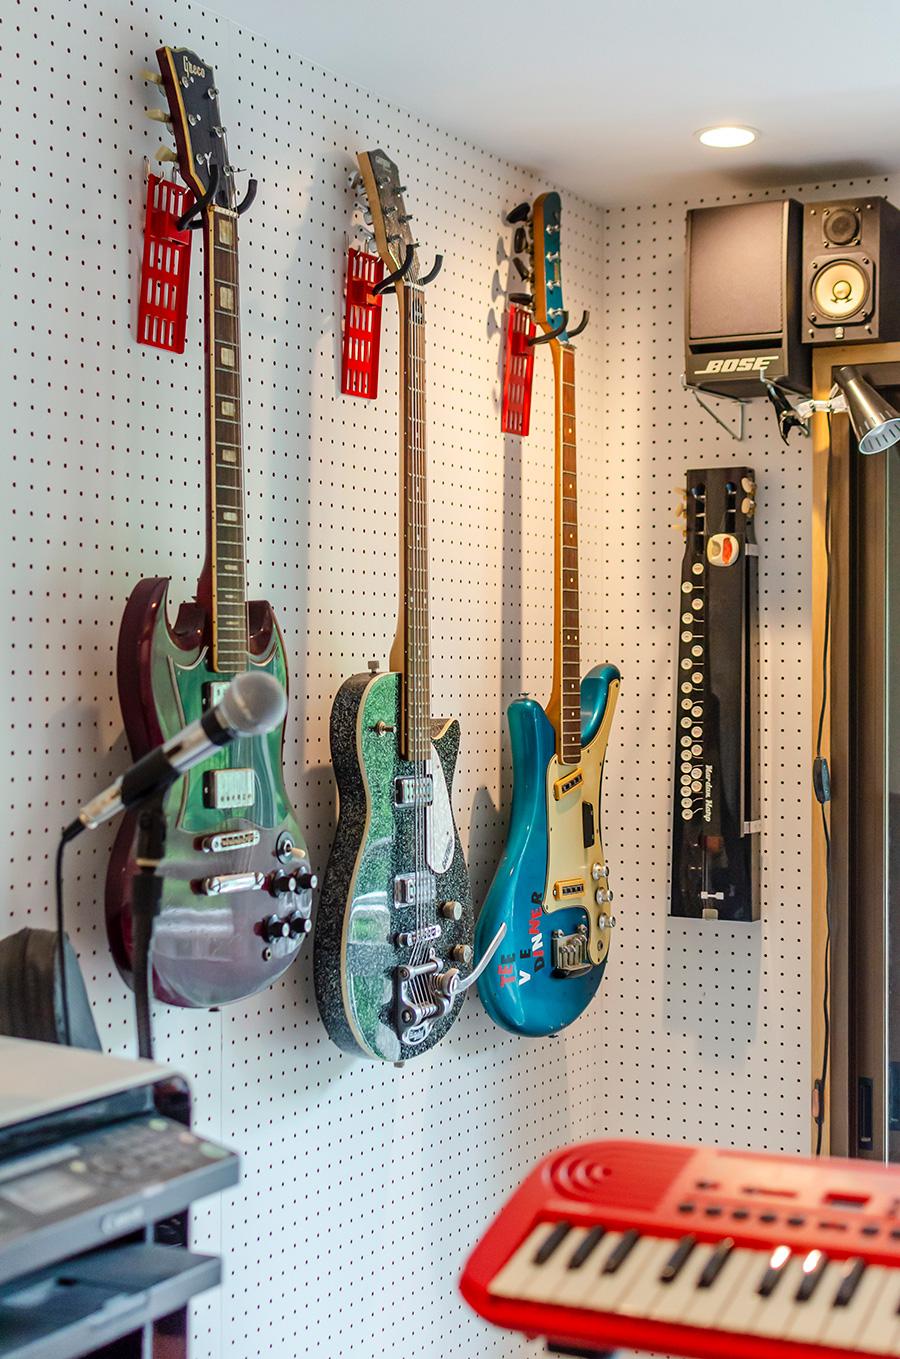 この部屋でほぼ毎日、趣味のギターを演奏する。